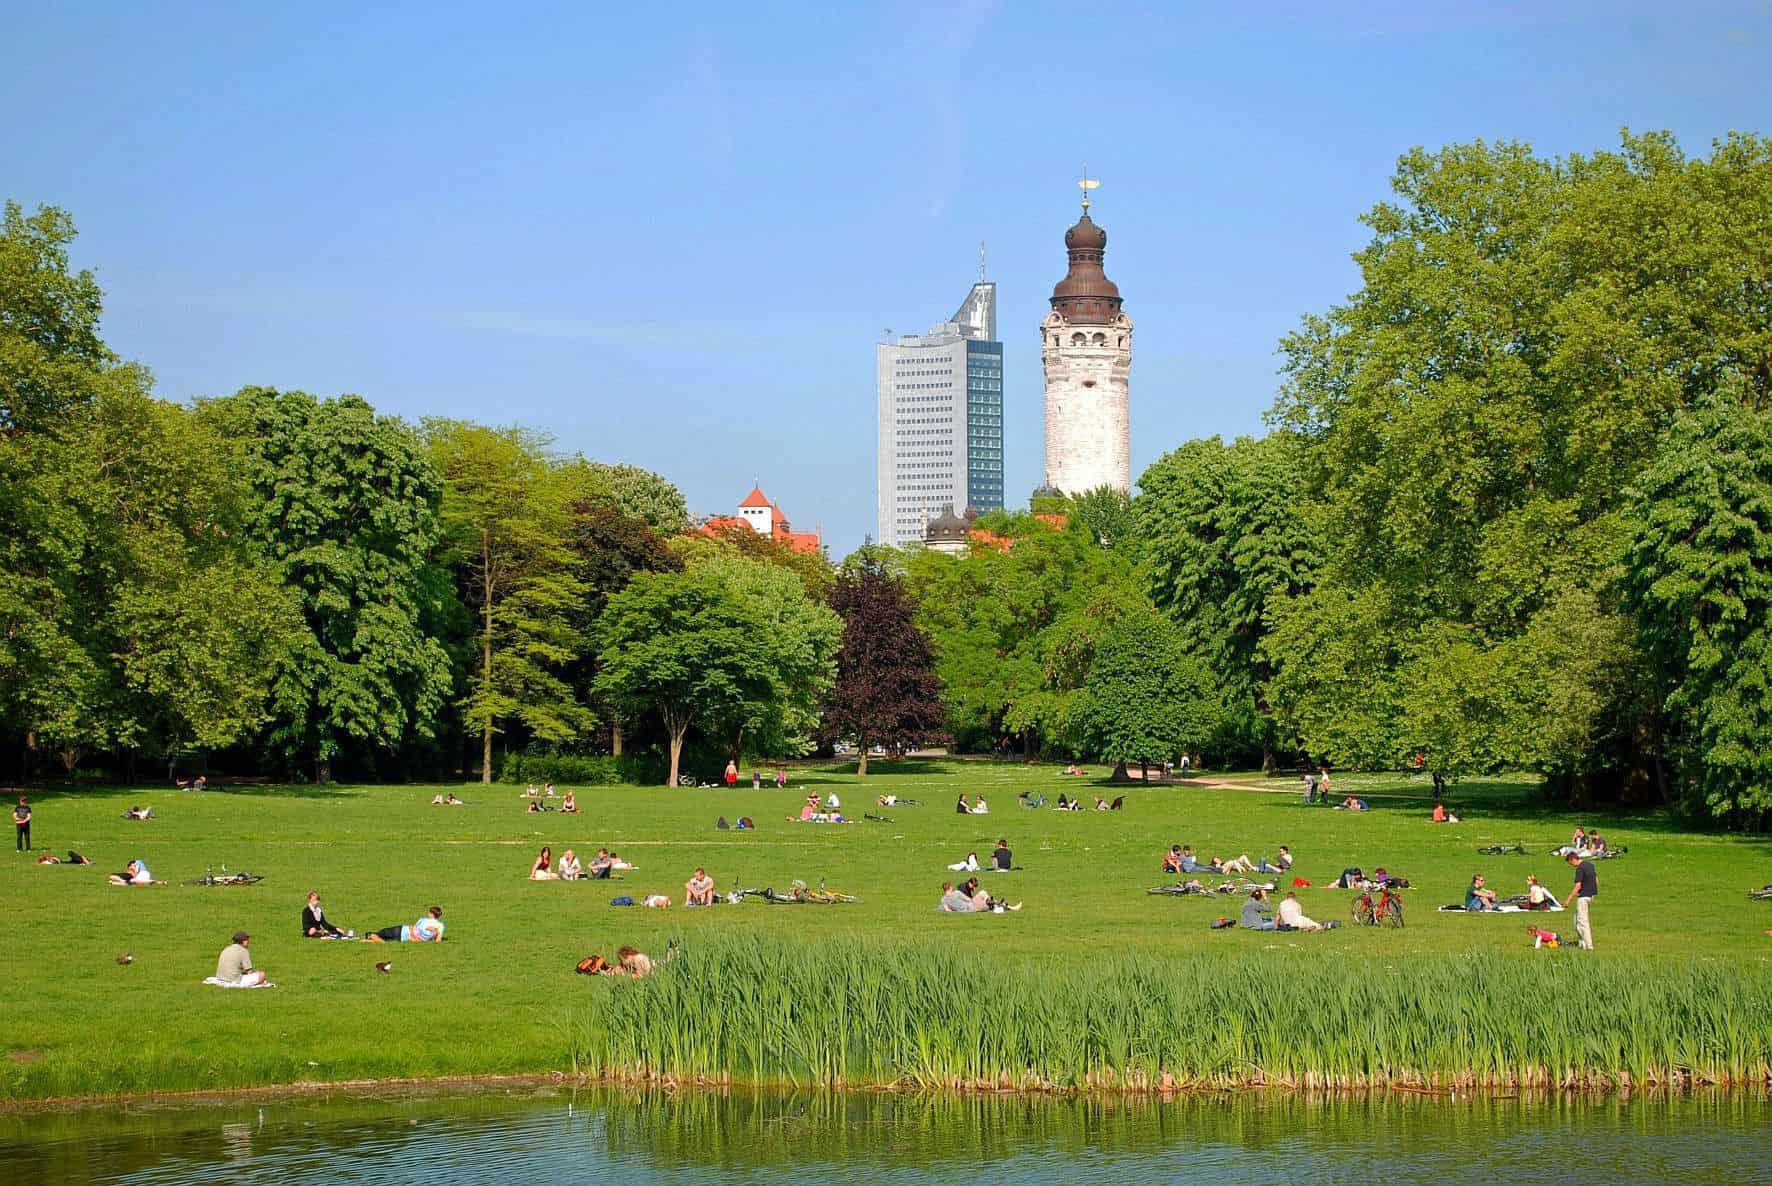 Leipzig Tourismus mit Gästerekord